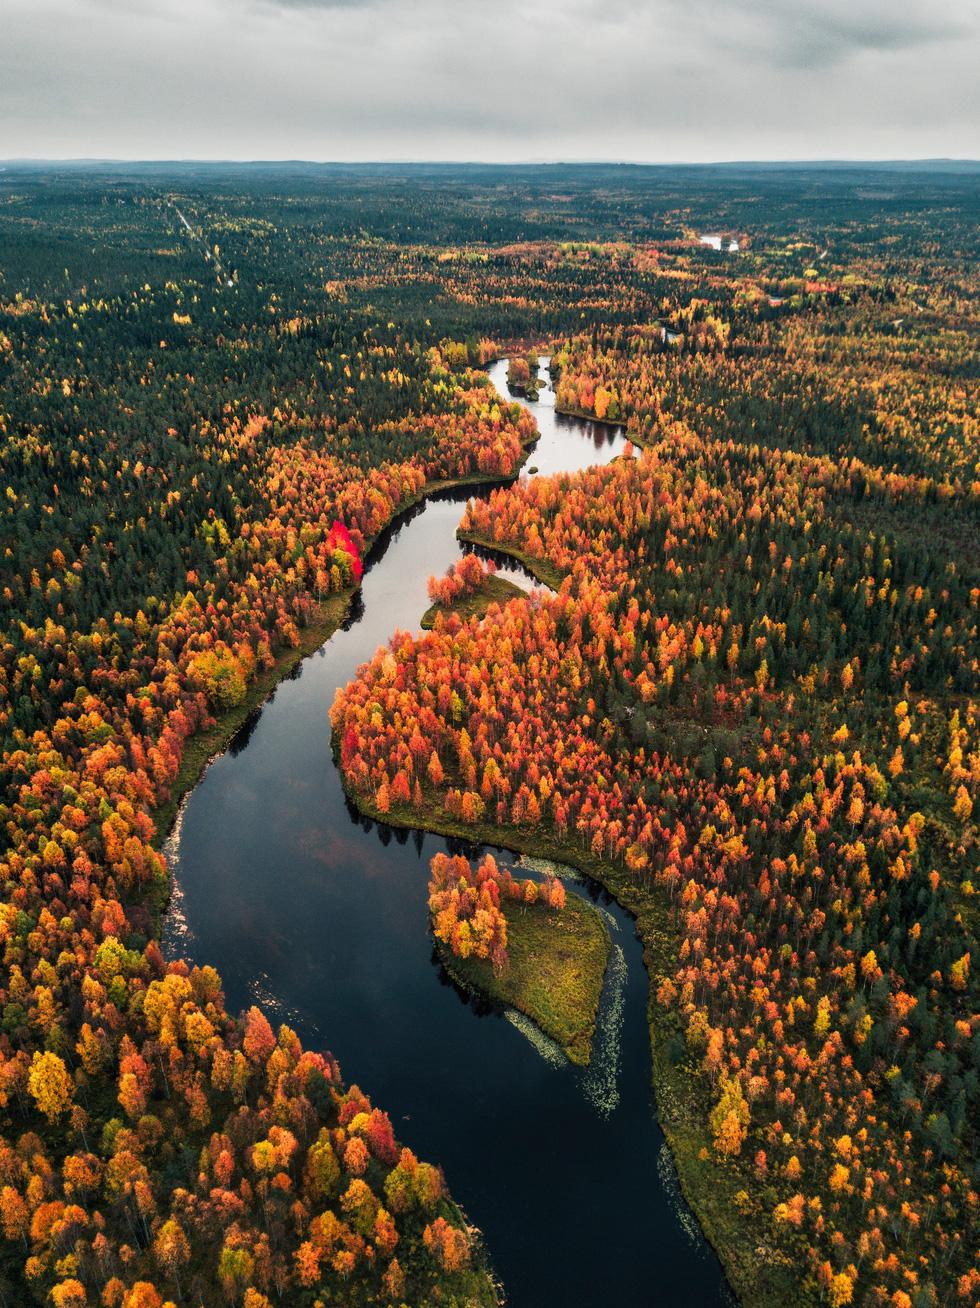 Đảo 'bốn mùa' Phần Lan đẹp mê hồn nhìn từ trên cao - Ảnh 11.